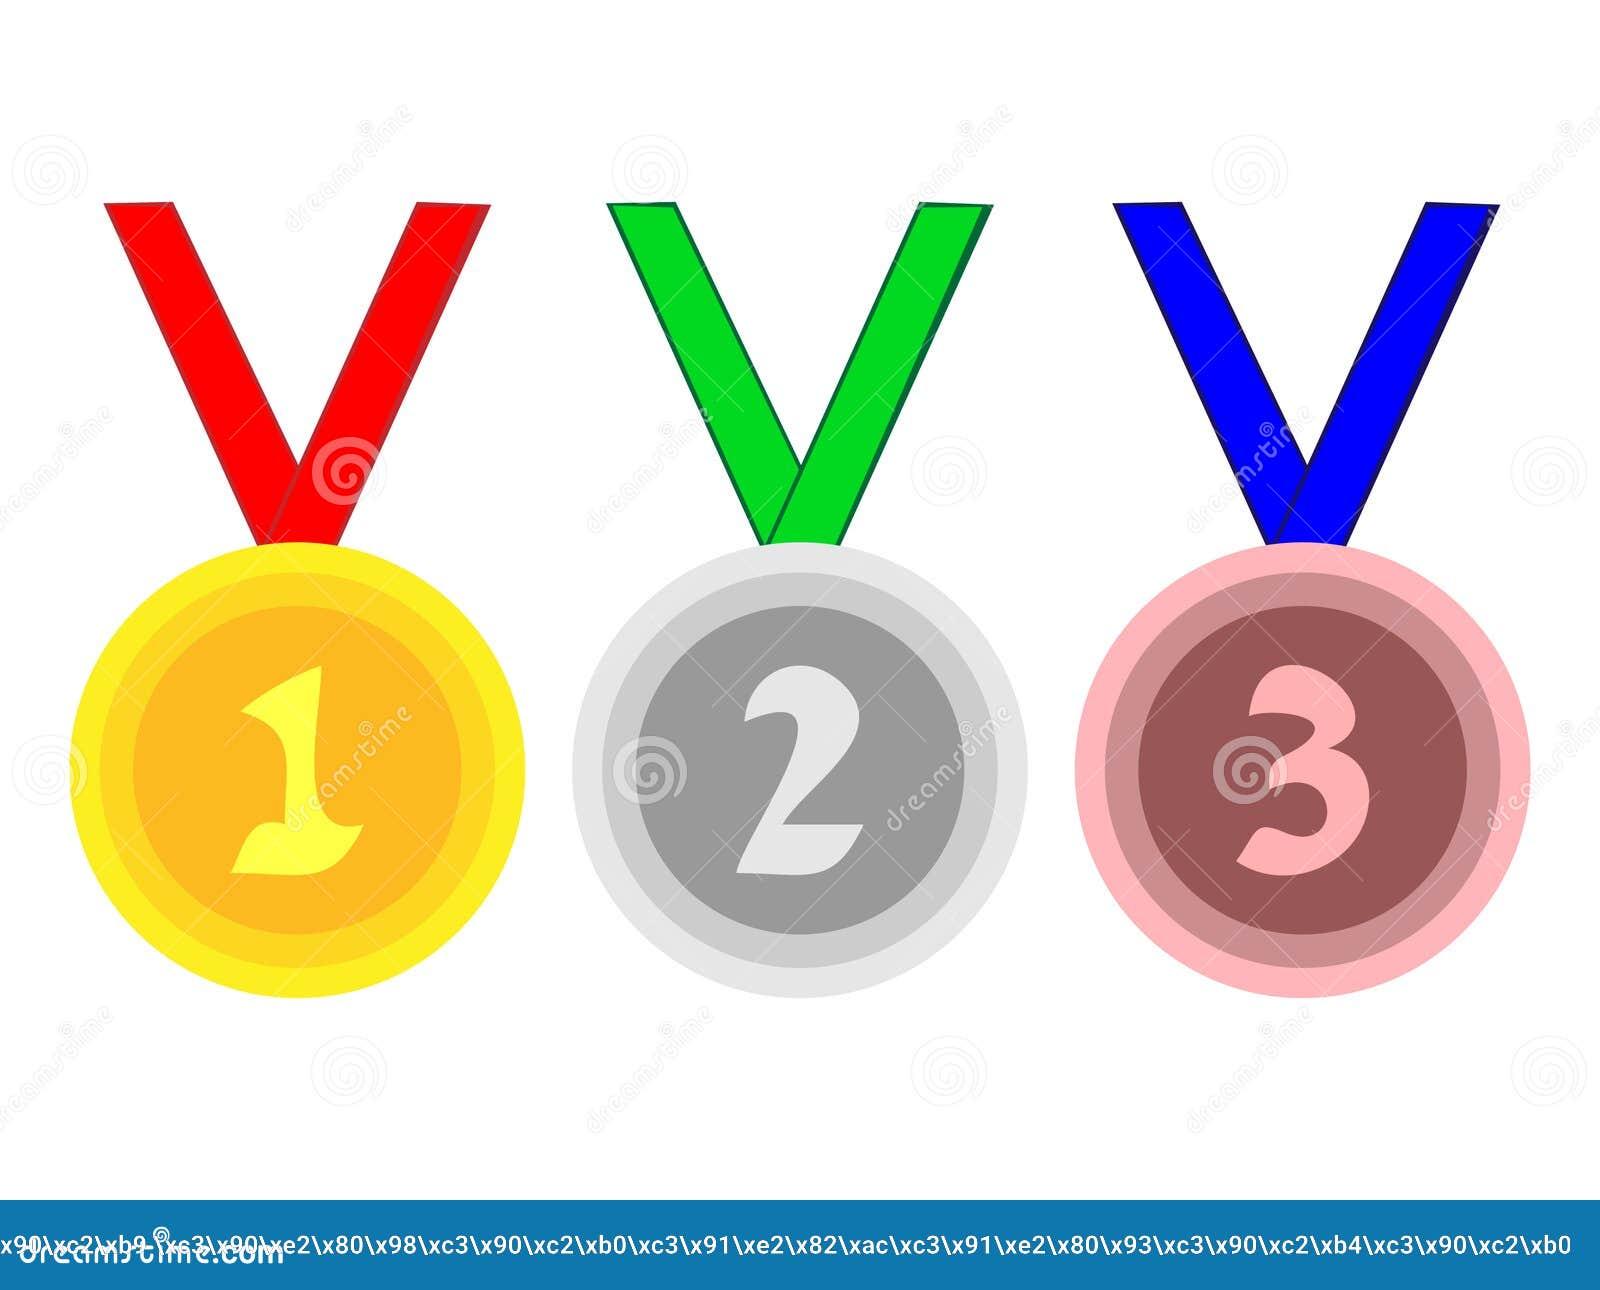 Groot ontwerp van medailles voor sportieve verwezenlijkingen